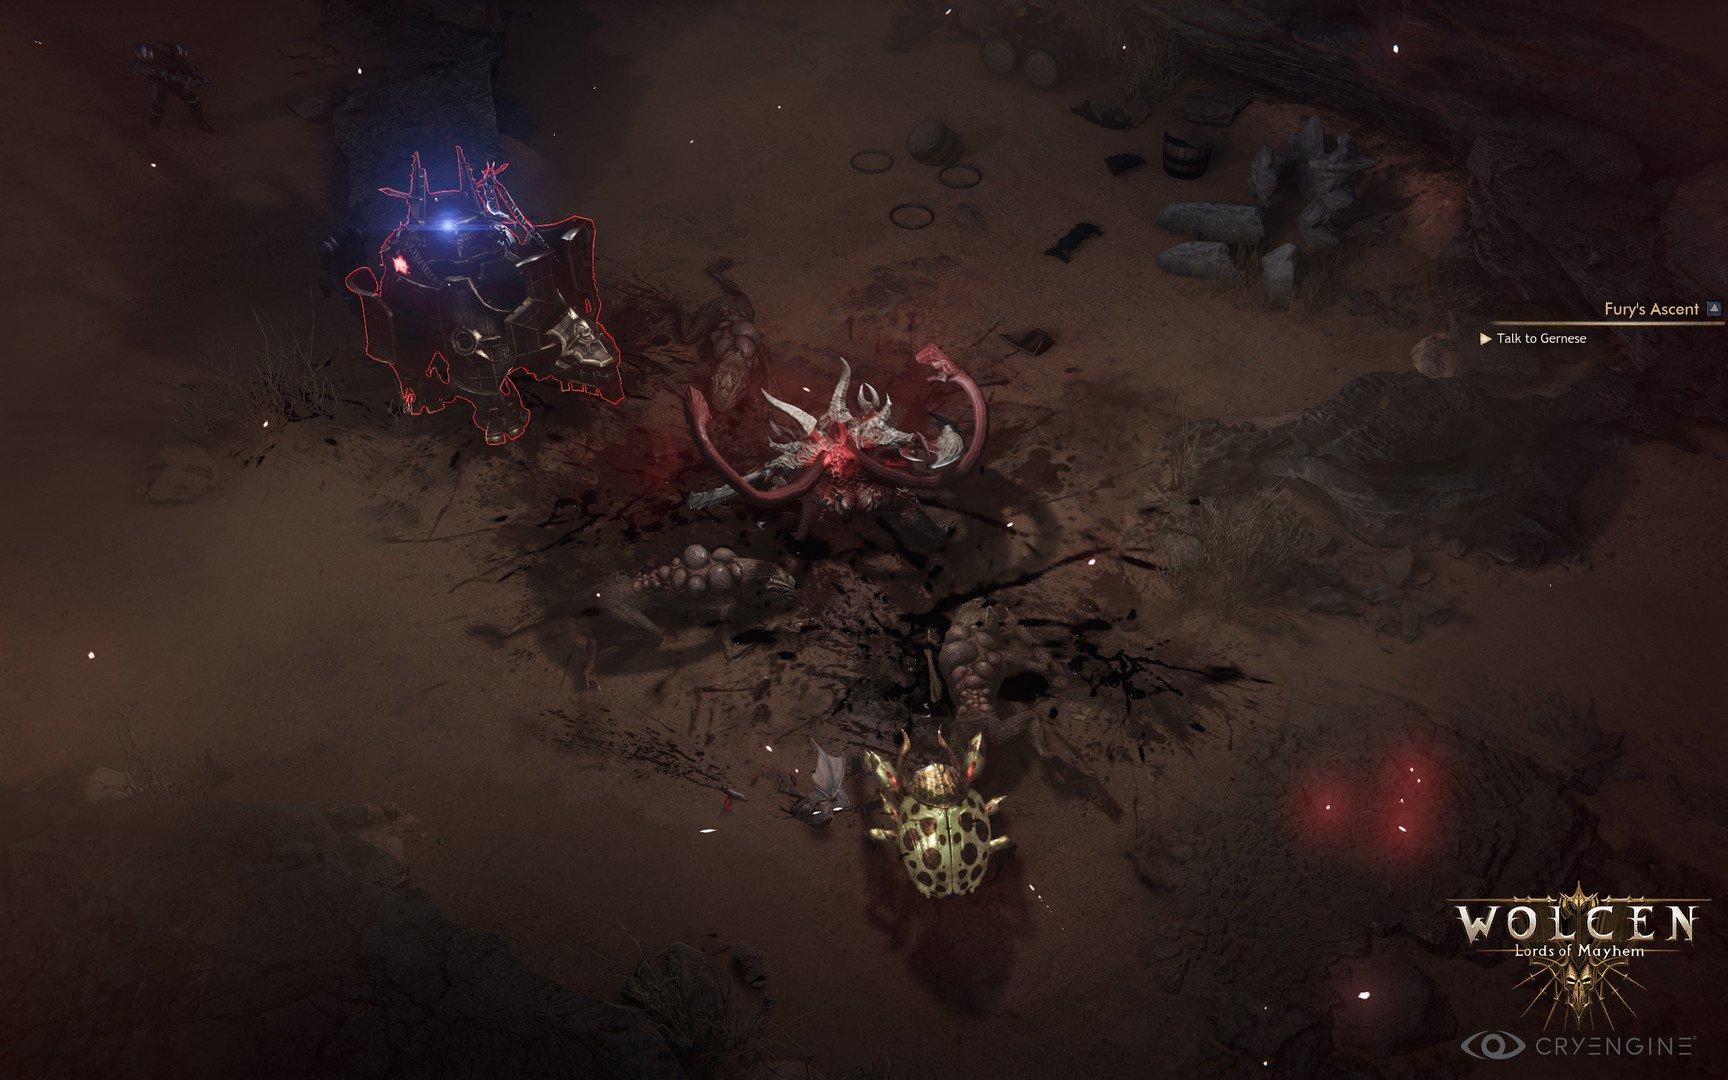 Wolcen Lords of Mayhem 8